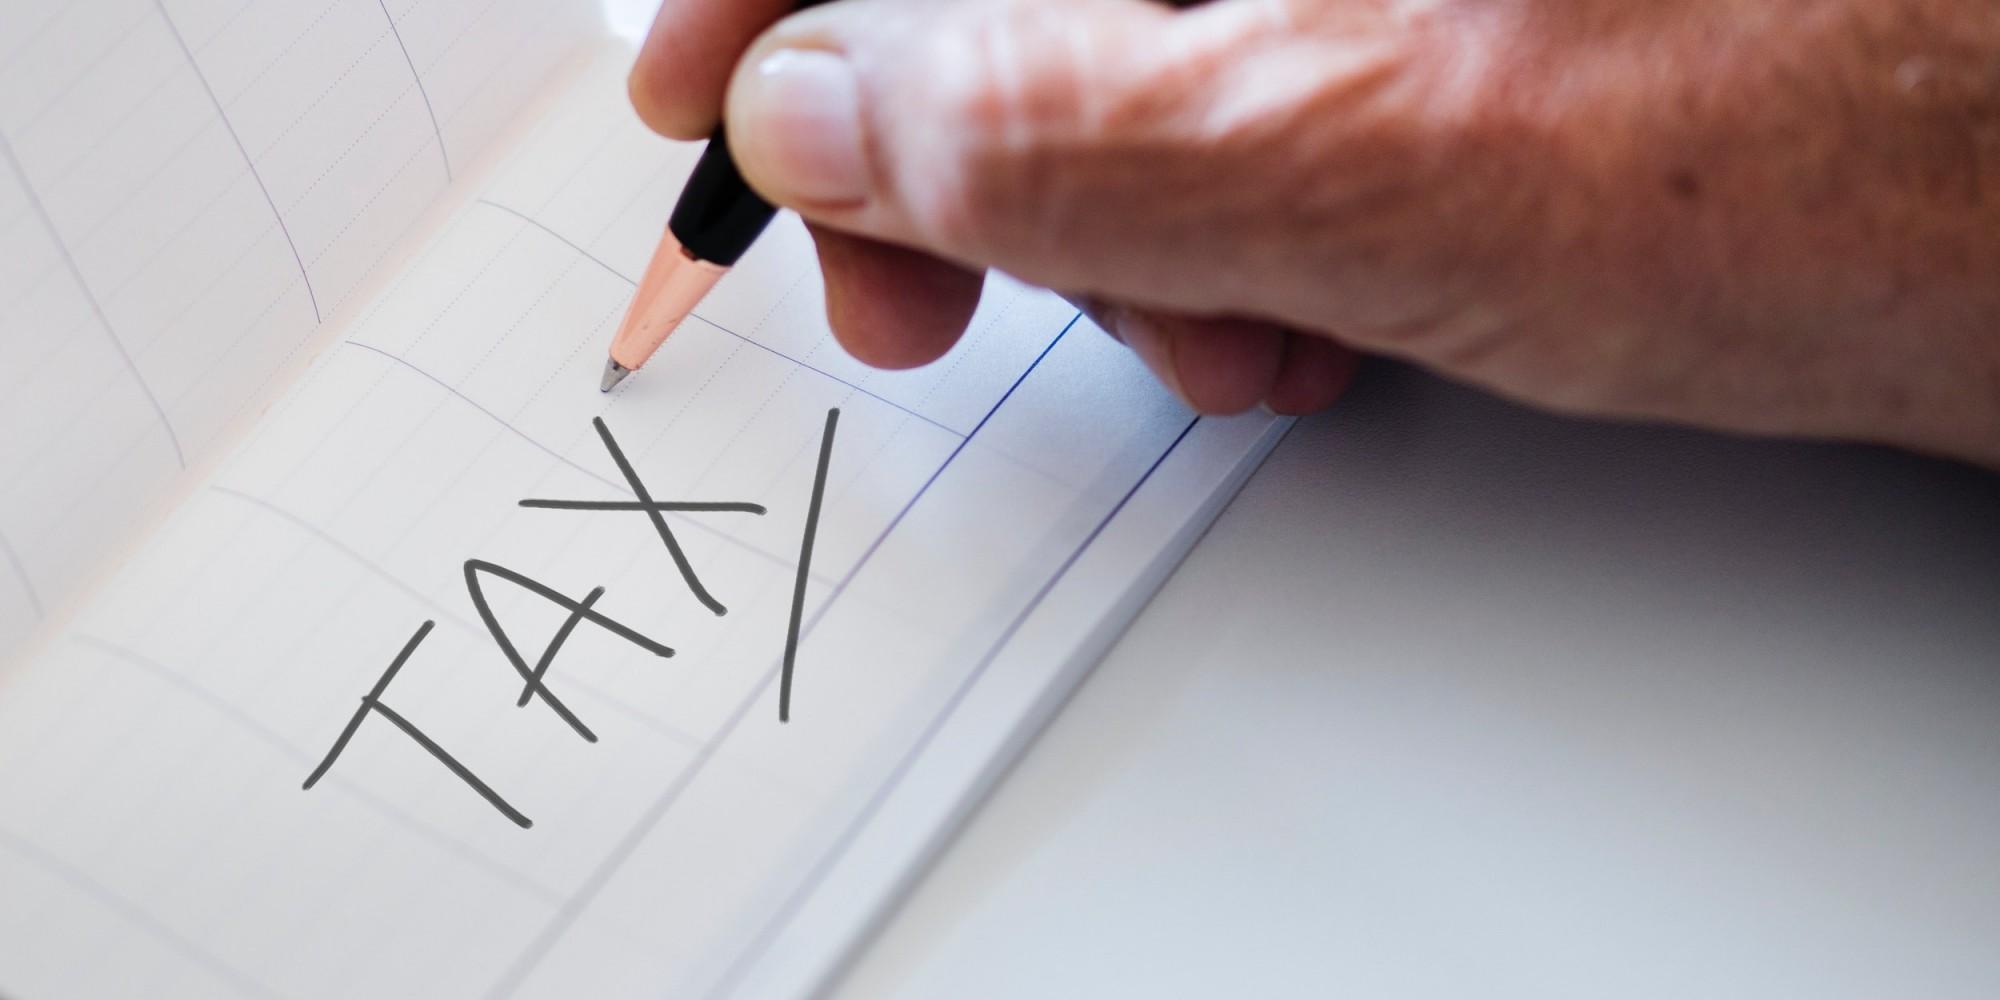 TF – La taxe foncière et la taxe d'enlèvement des ordures ménagères (TEOM) sont-elles dues lorsque l'immeuble n'est pas encore achevé au 1er janvier ?